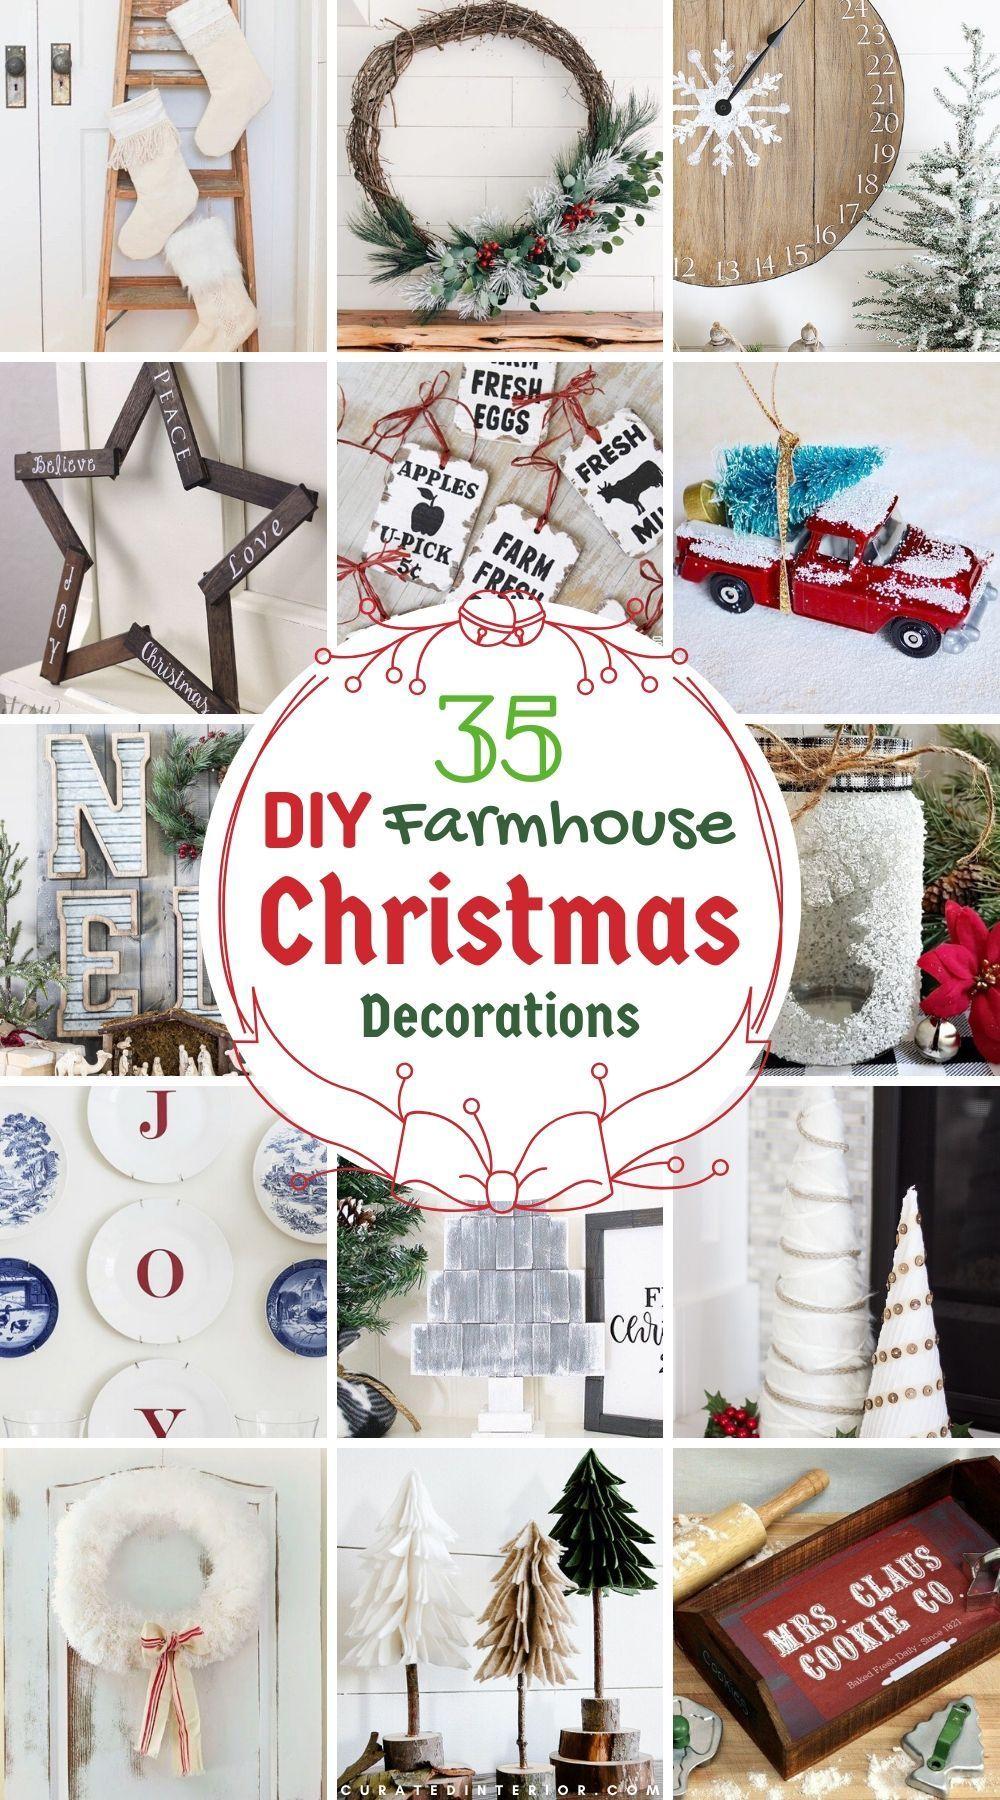 35 Diy Farmhouse Christmas Decorations Christmas Decor Diy Farmhouse Christmas Farmhouse Christmas Decor